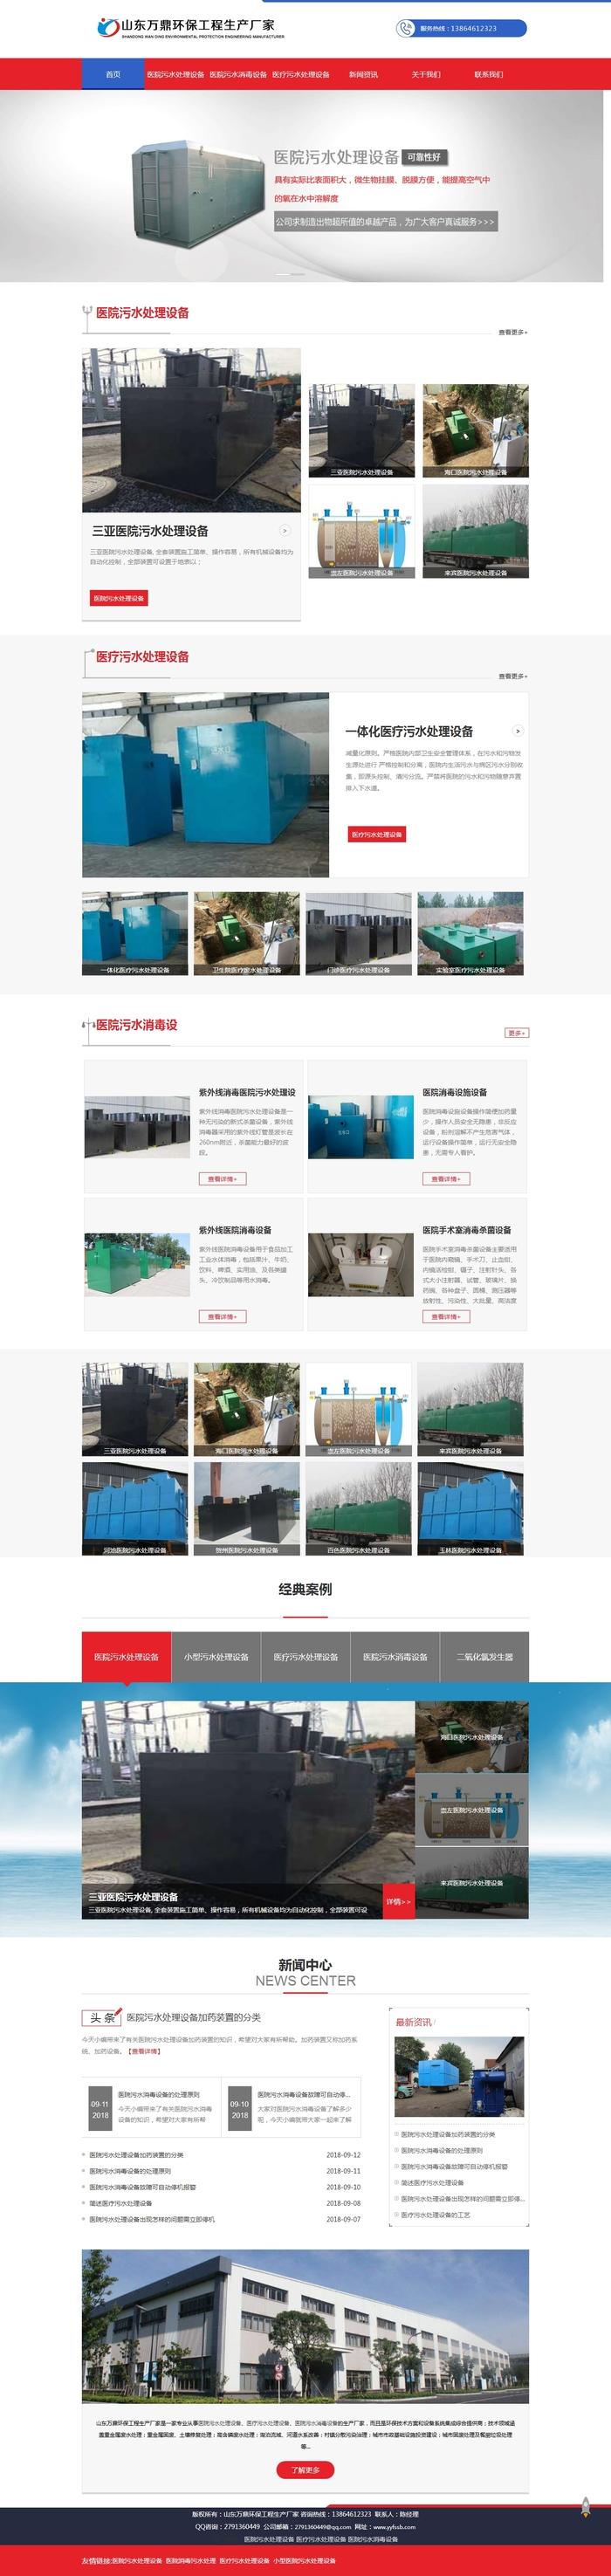 医院污水处理设备|医院污水消毒设备厂家山东万鼎医疗污水处理加入铭赞富海360推广